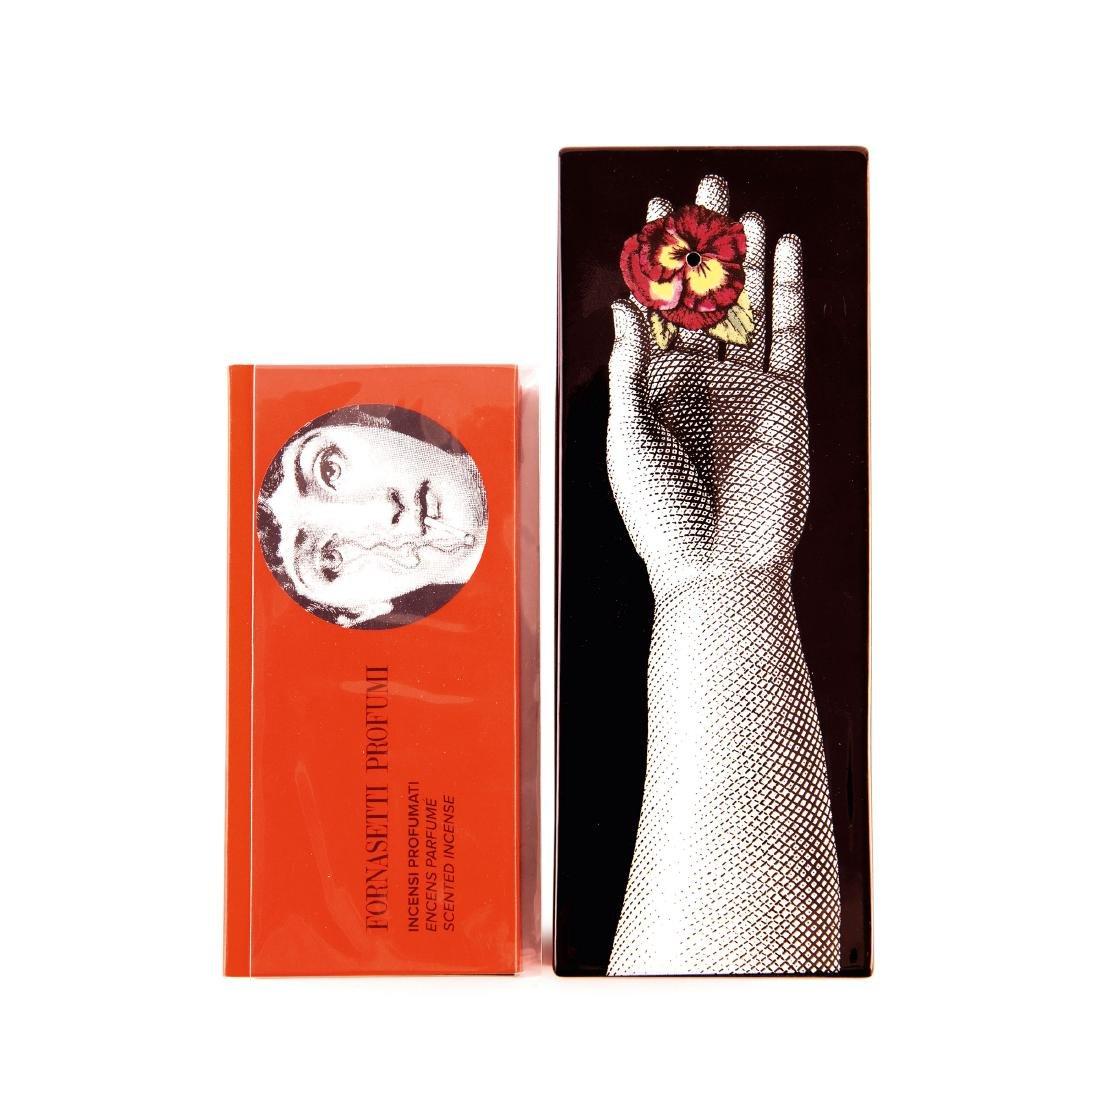 'Mano' Incense stick case, 2010s